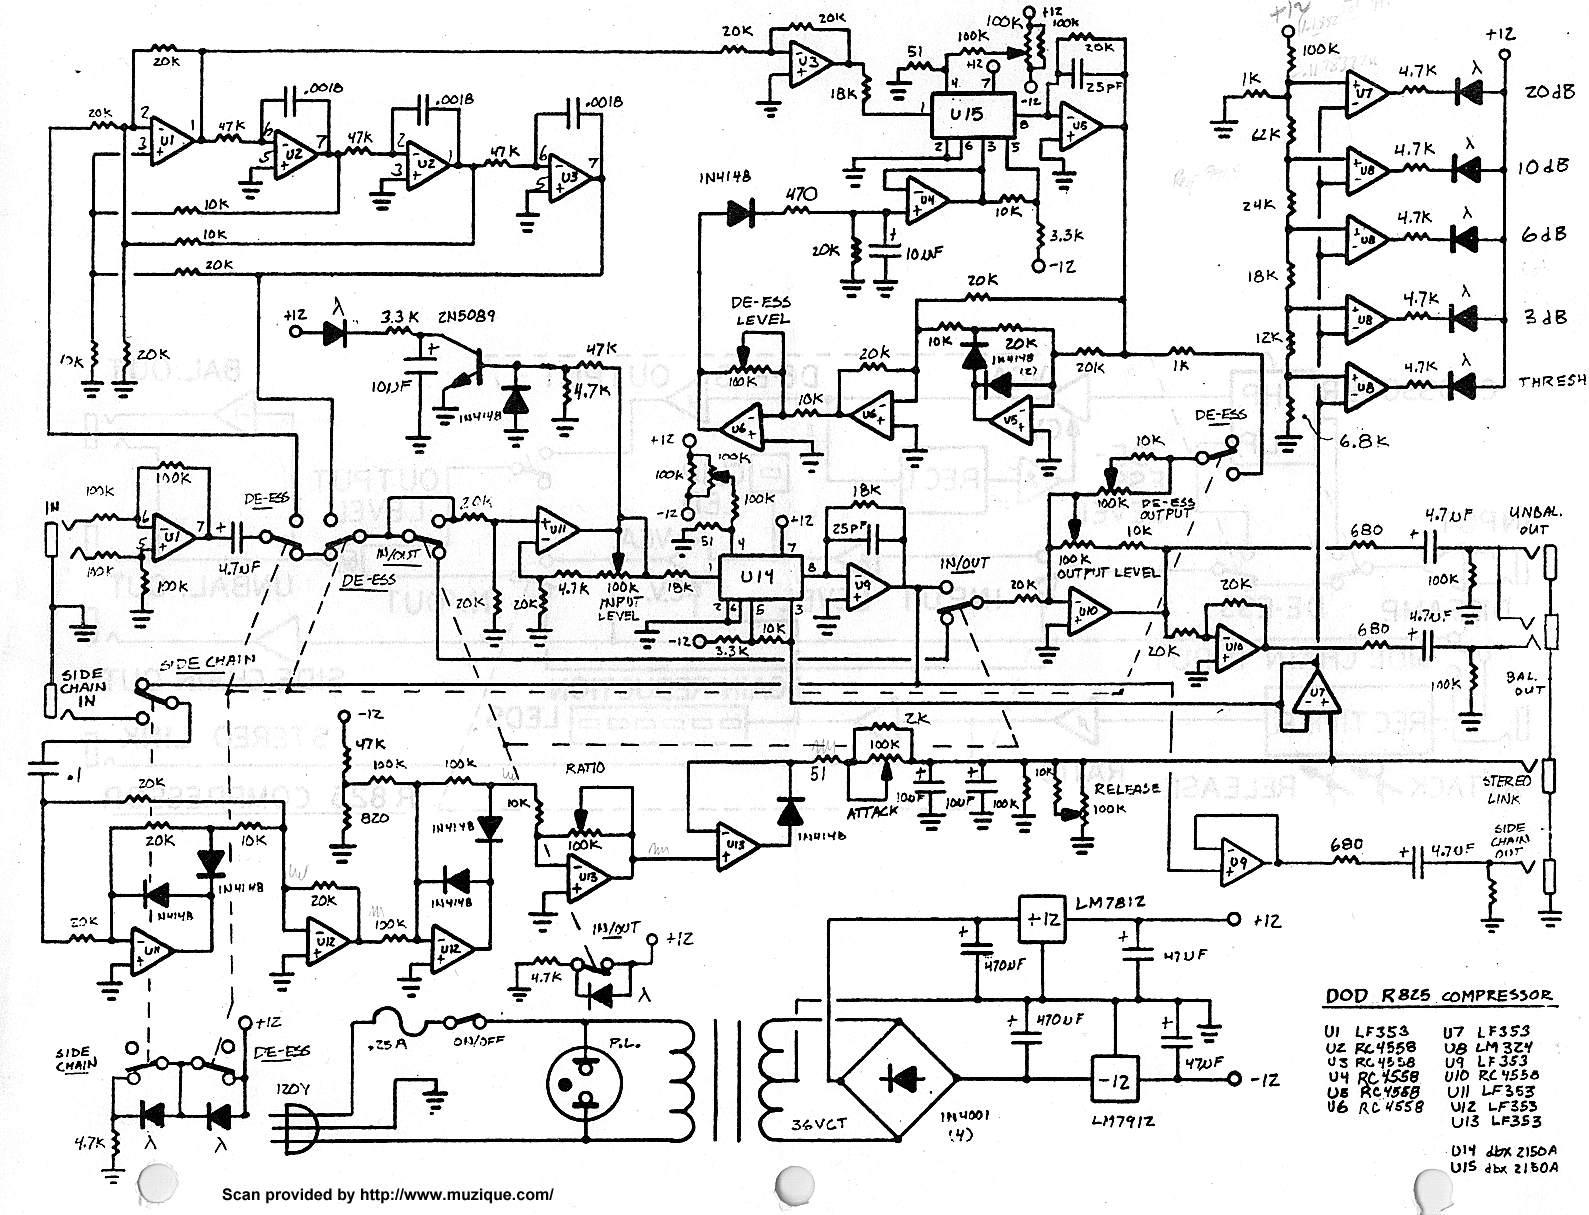 dod 825 compressor [ 1589 x 1215 Pixel ]